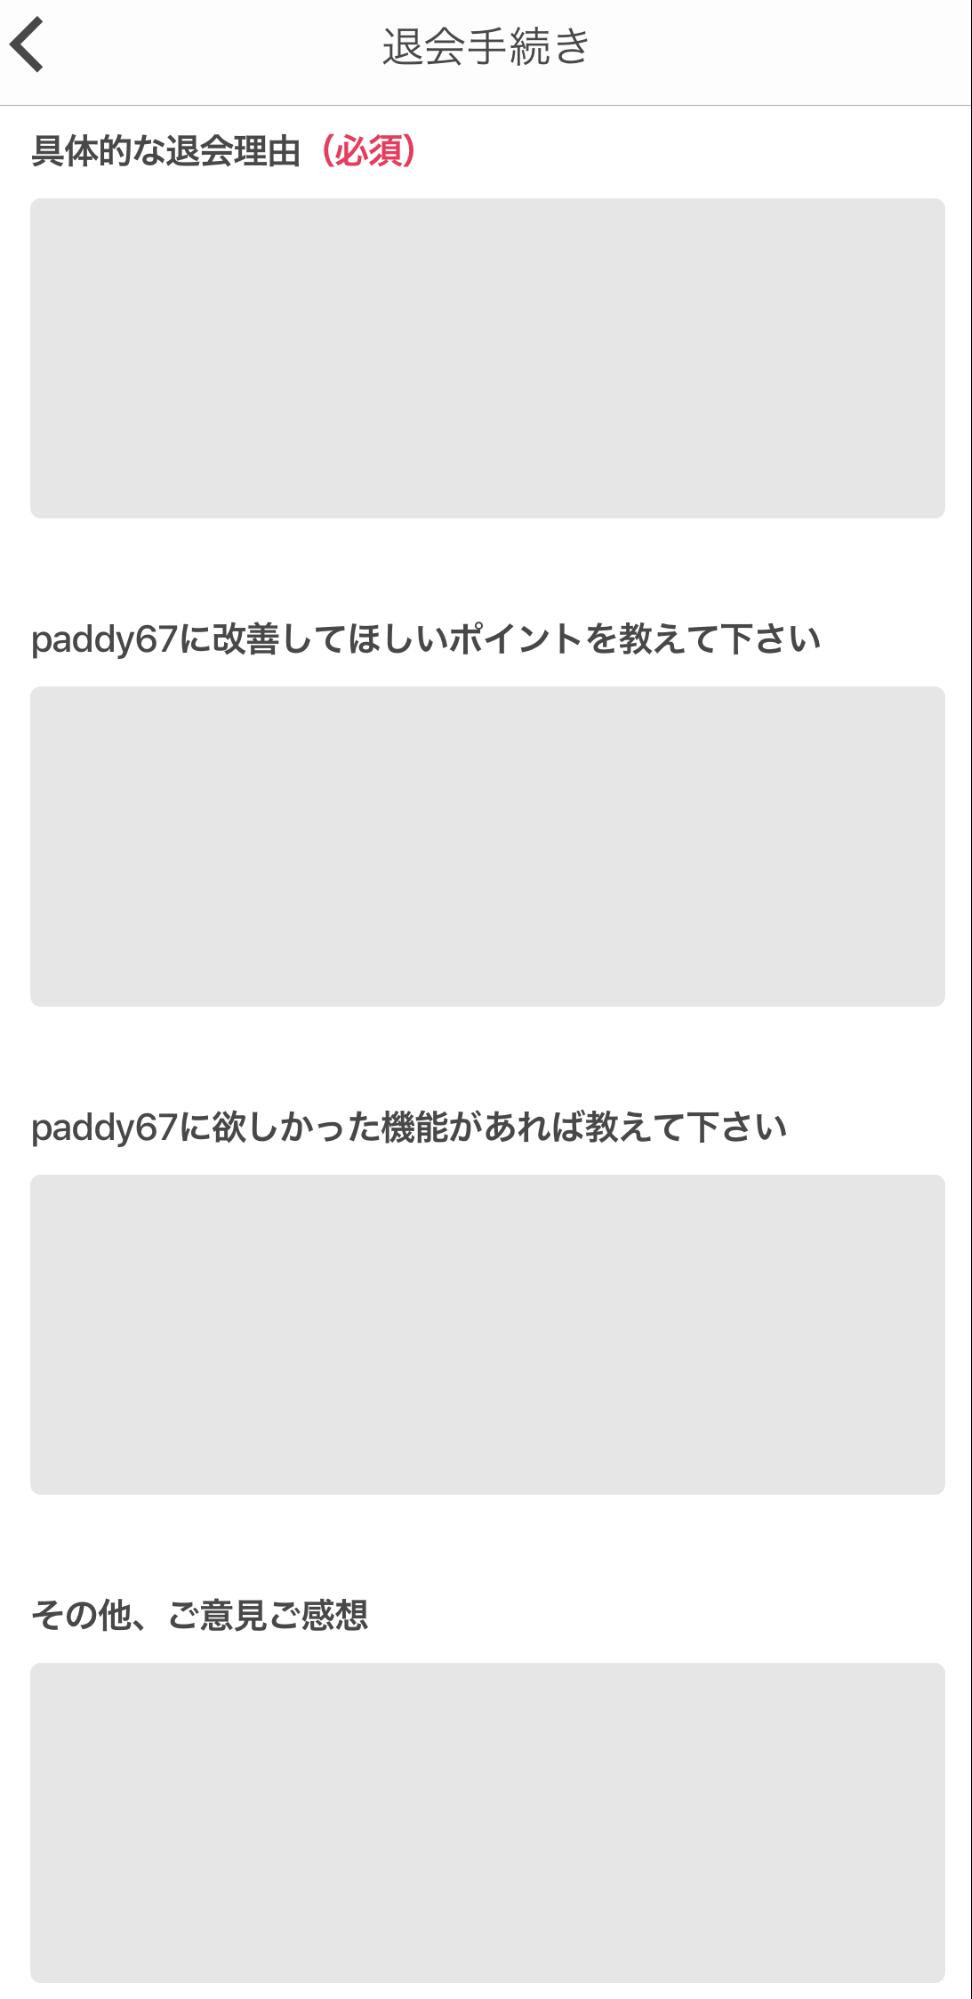 paddy67(パディ67)退会